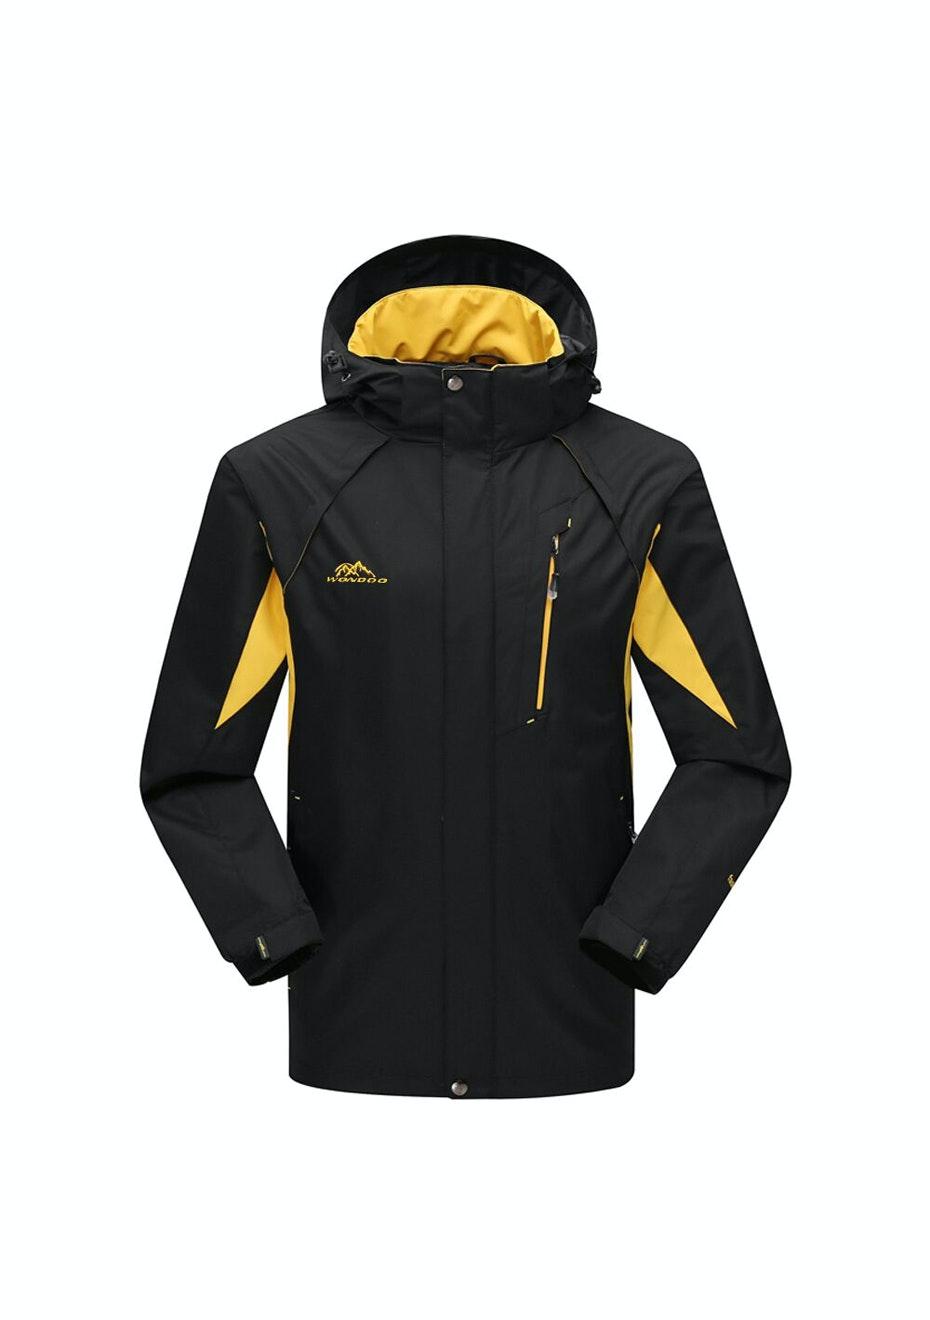 Women 2-in-1 WaterProof Jackets - Black / Yellow